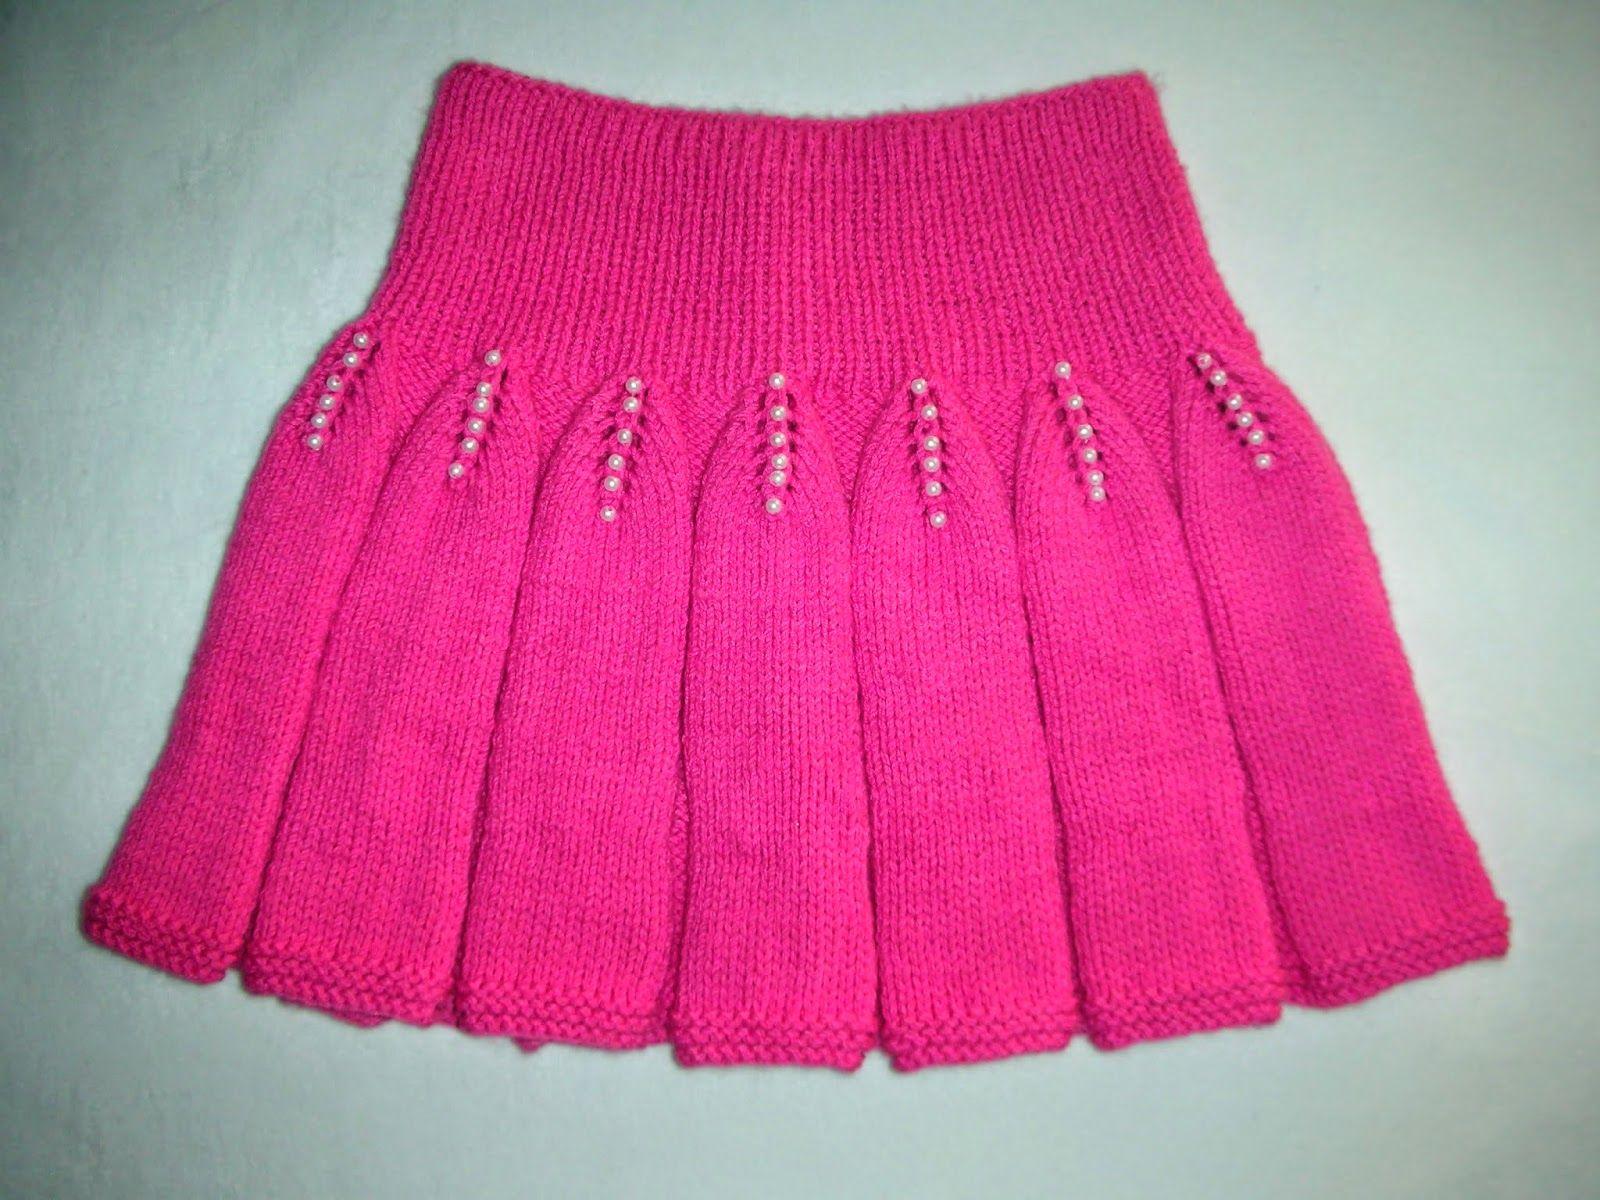 Knitting Skirt For Baby : Deryanin dünyasi bebek etek yapılışı orgum pinterest